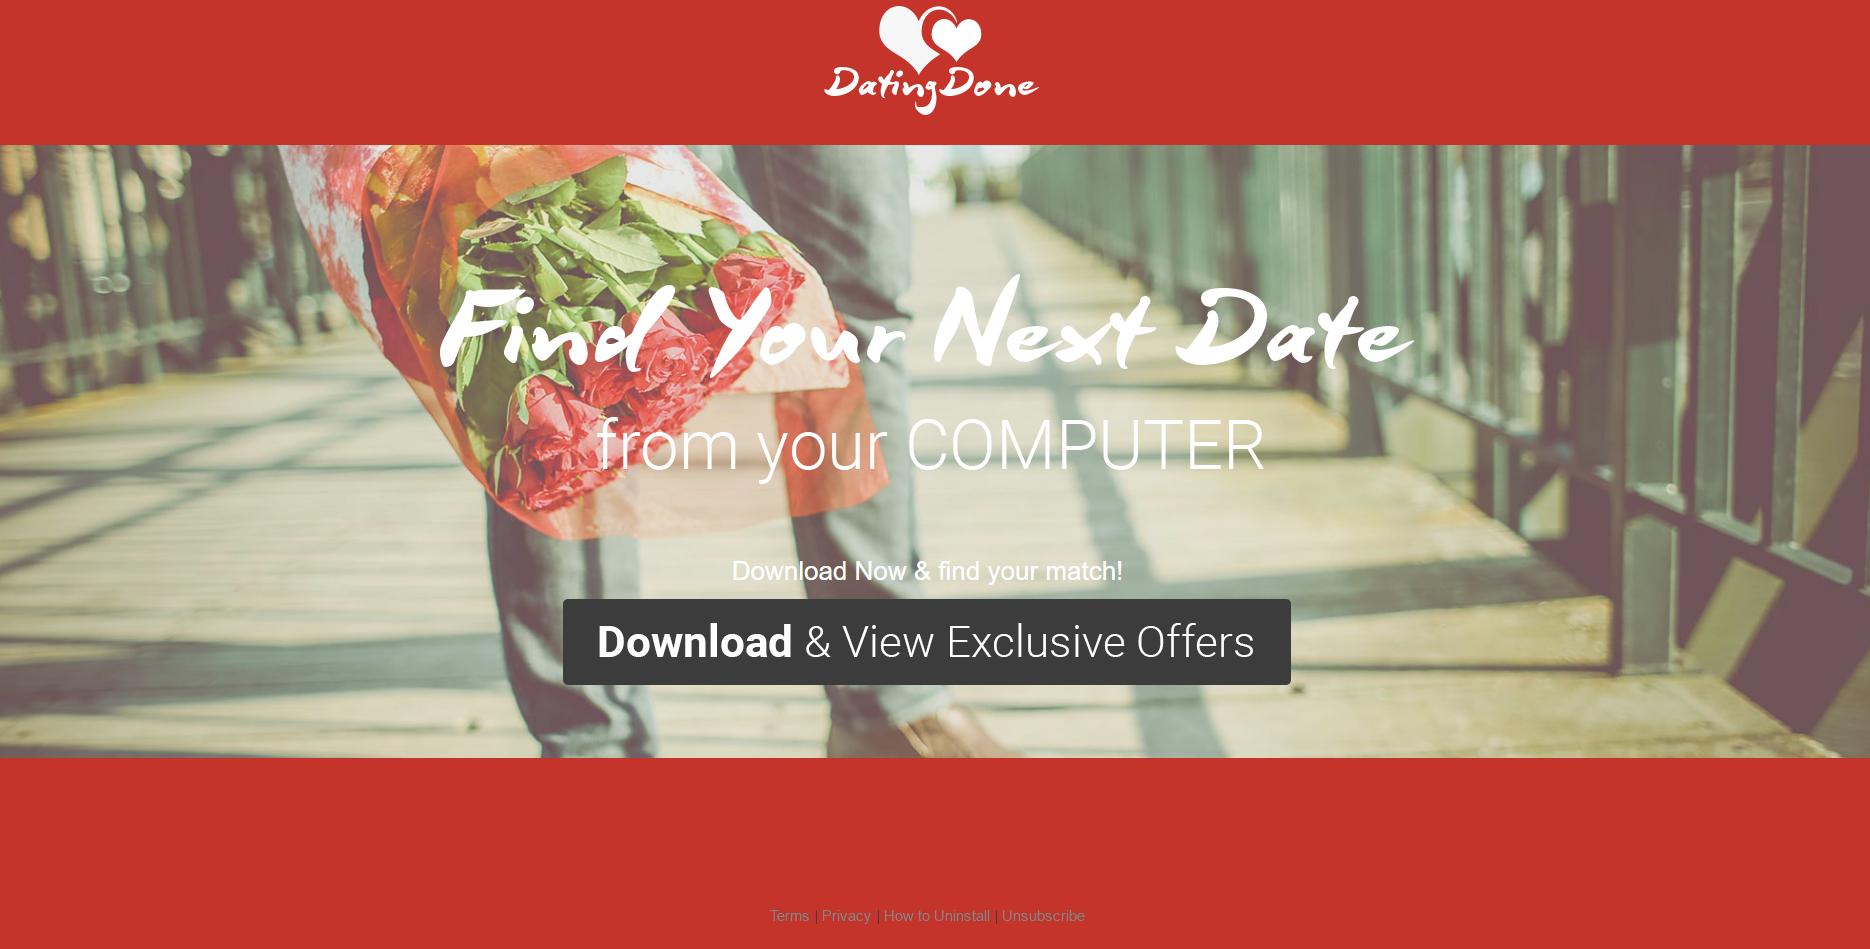 DatingDone Ads